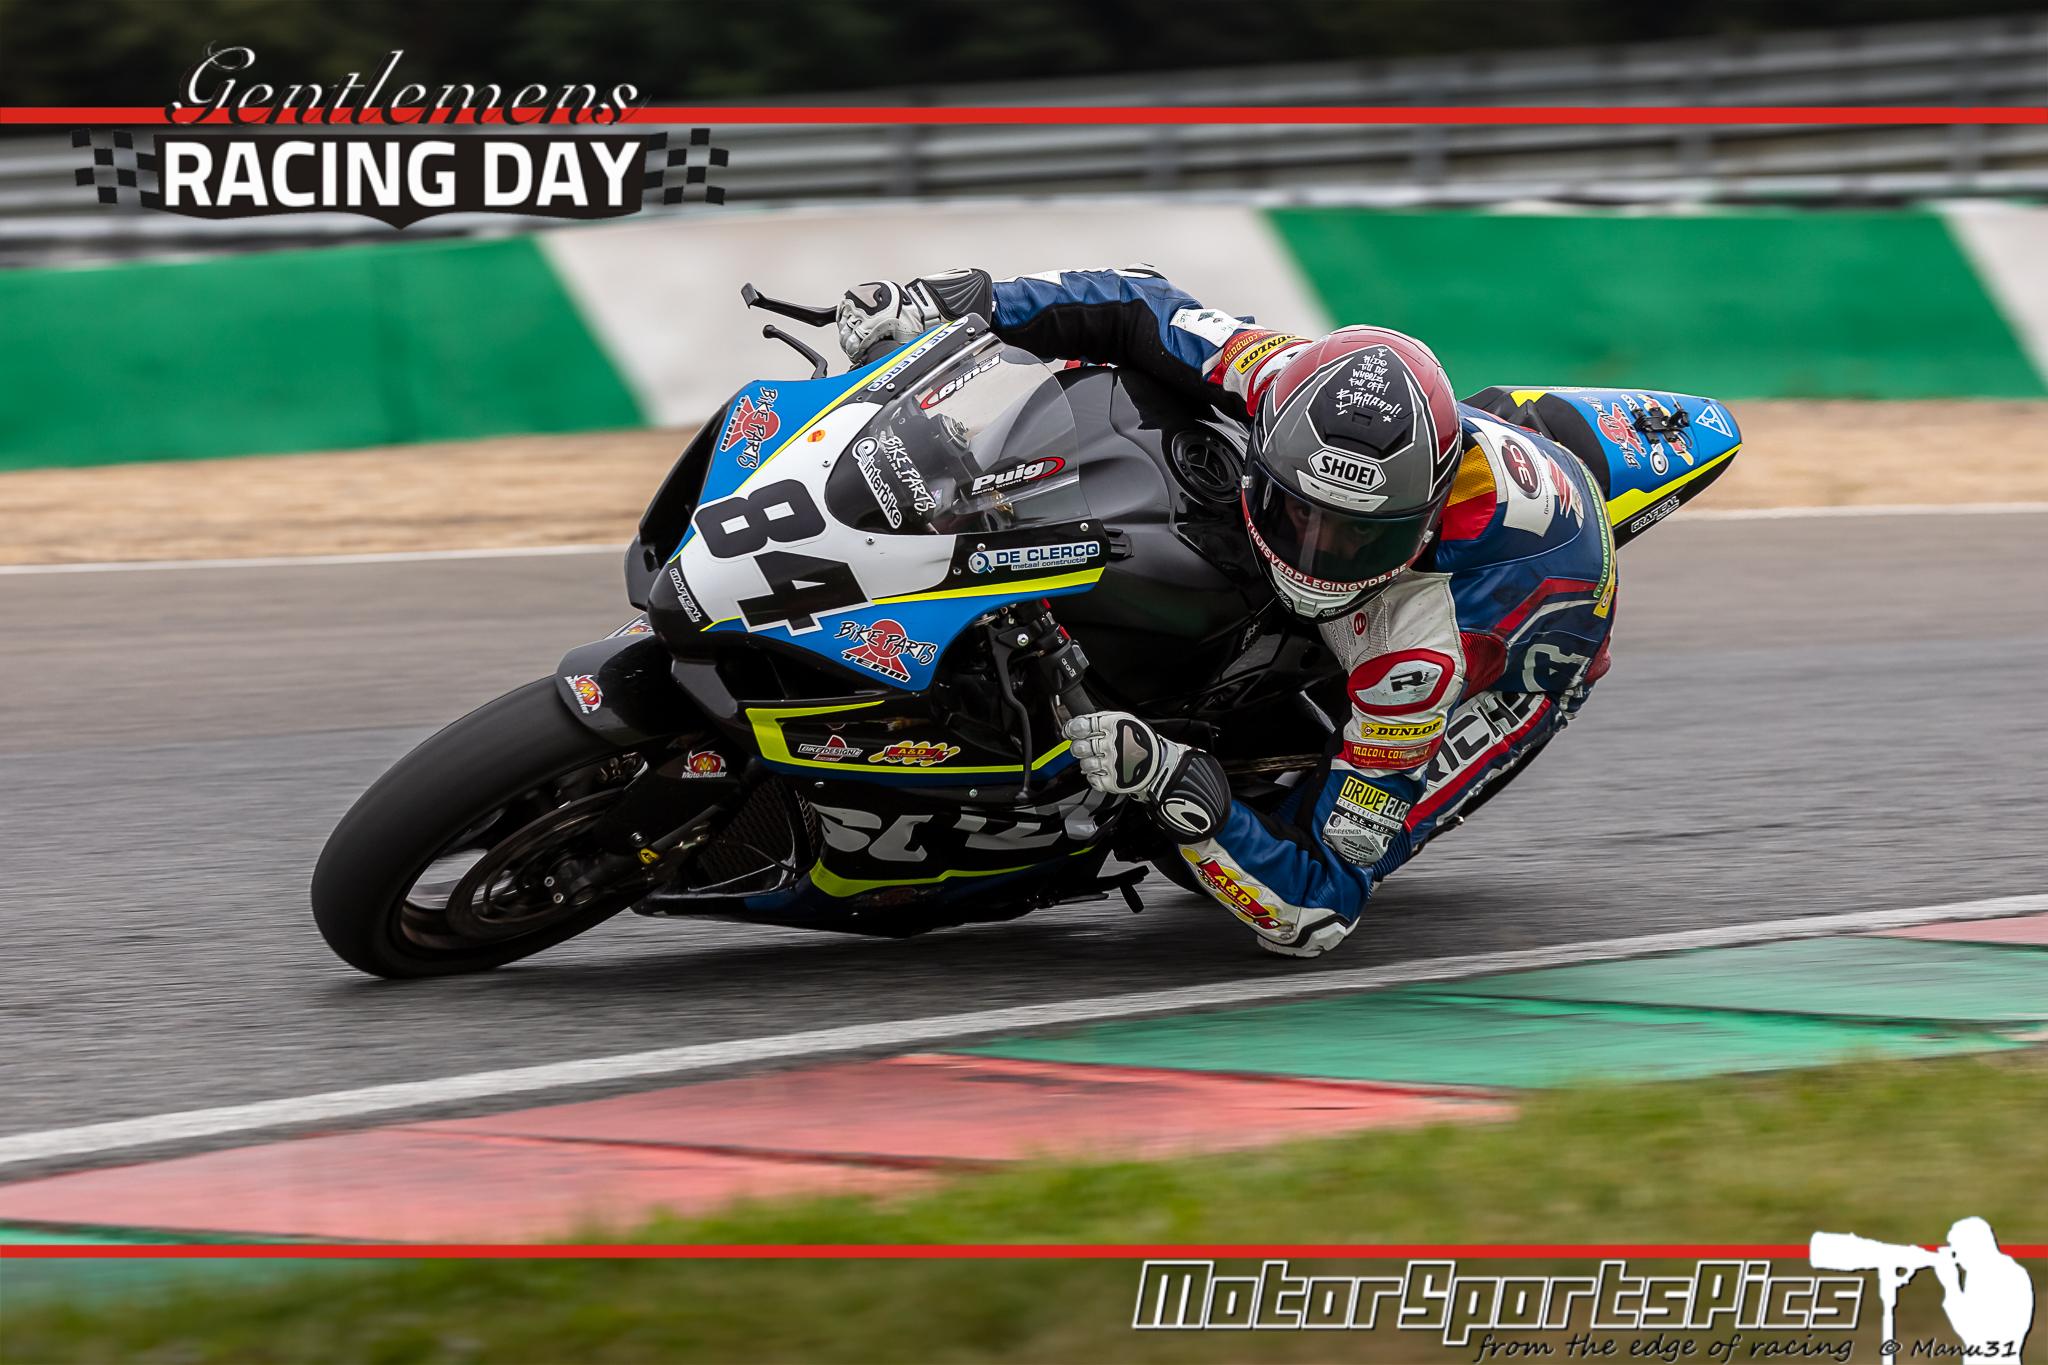 04-09-2020 Gentlemen's Racing day at Mettet Moto